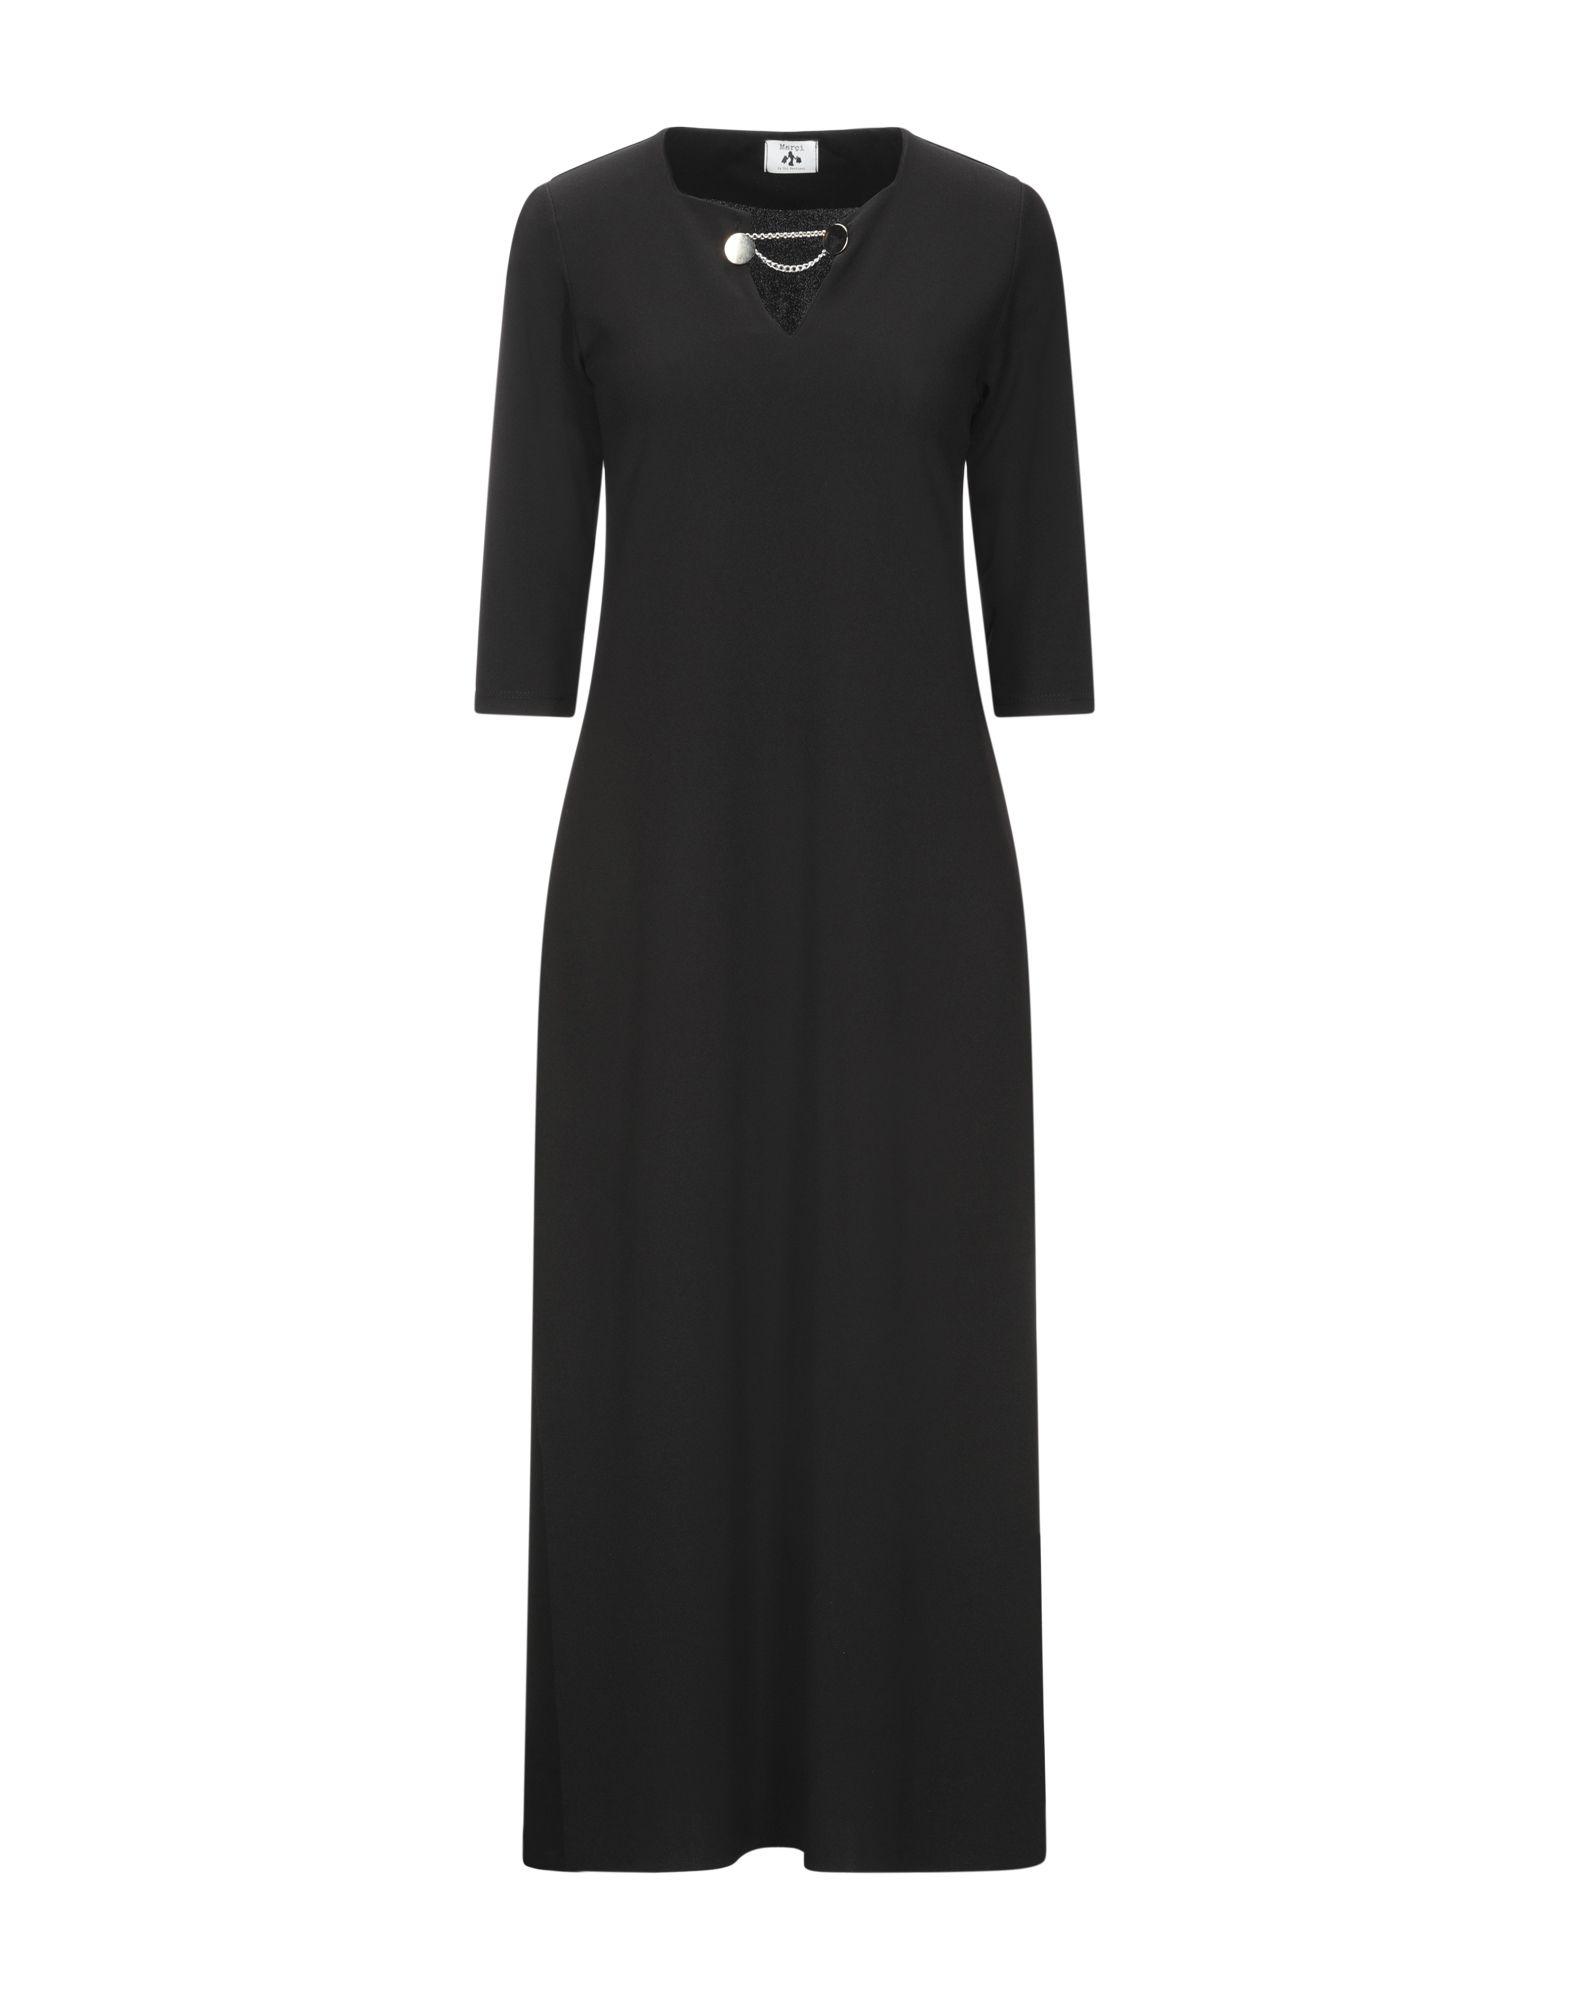 《セール開催中》MAR?I by GIL SANTUCCI レディース 7分丈ワンピース・ドレス ブラック S ポリエステル 95% / ポリウレタン 5%